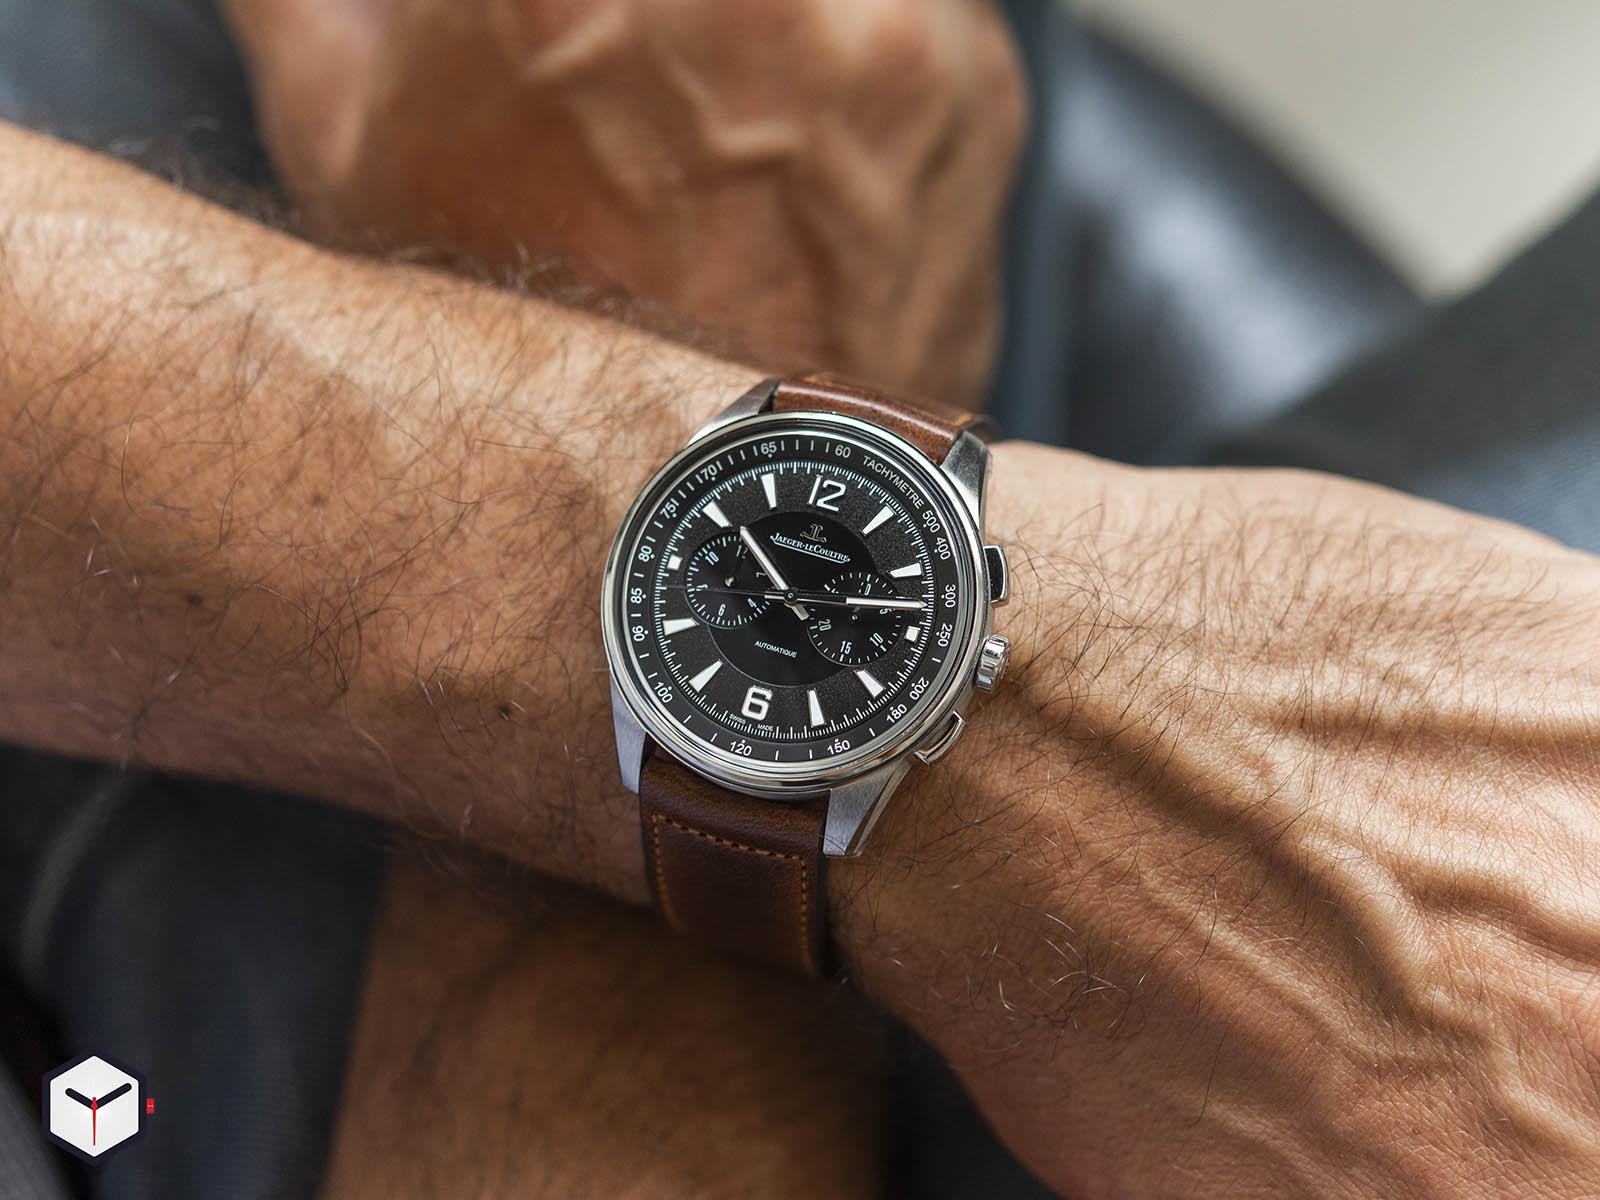 9028471-jaeger-lecoultre-polaris-chronograph-stainless-steel.jpg